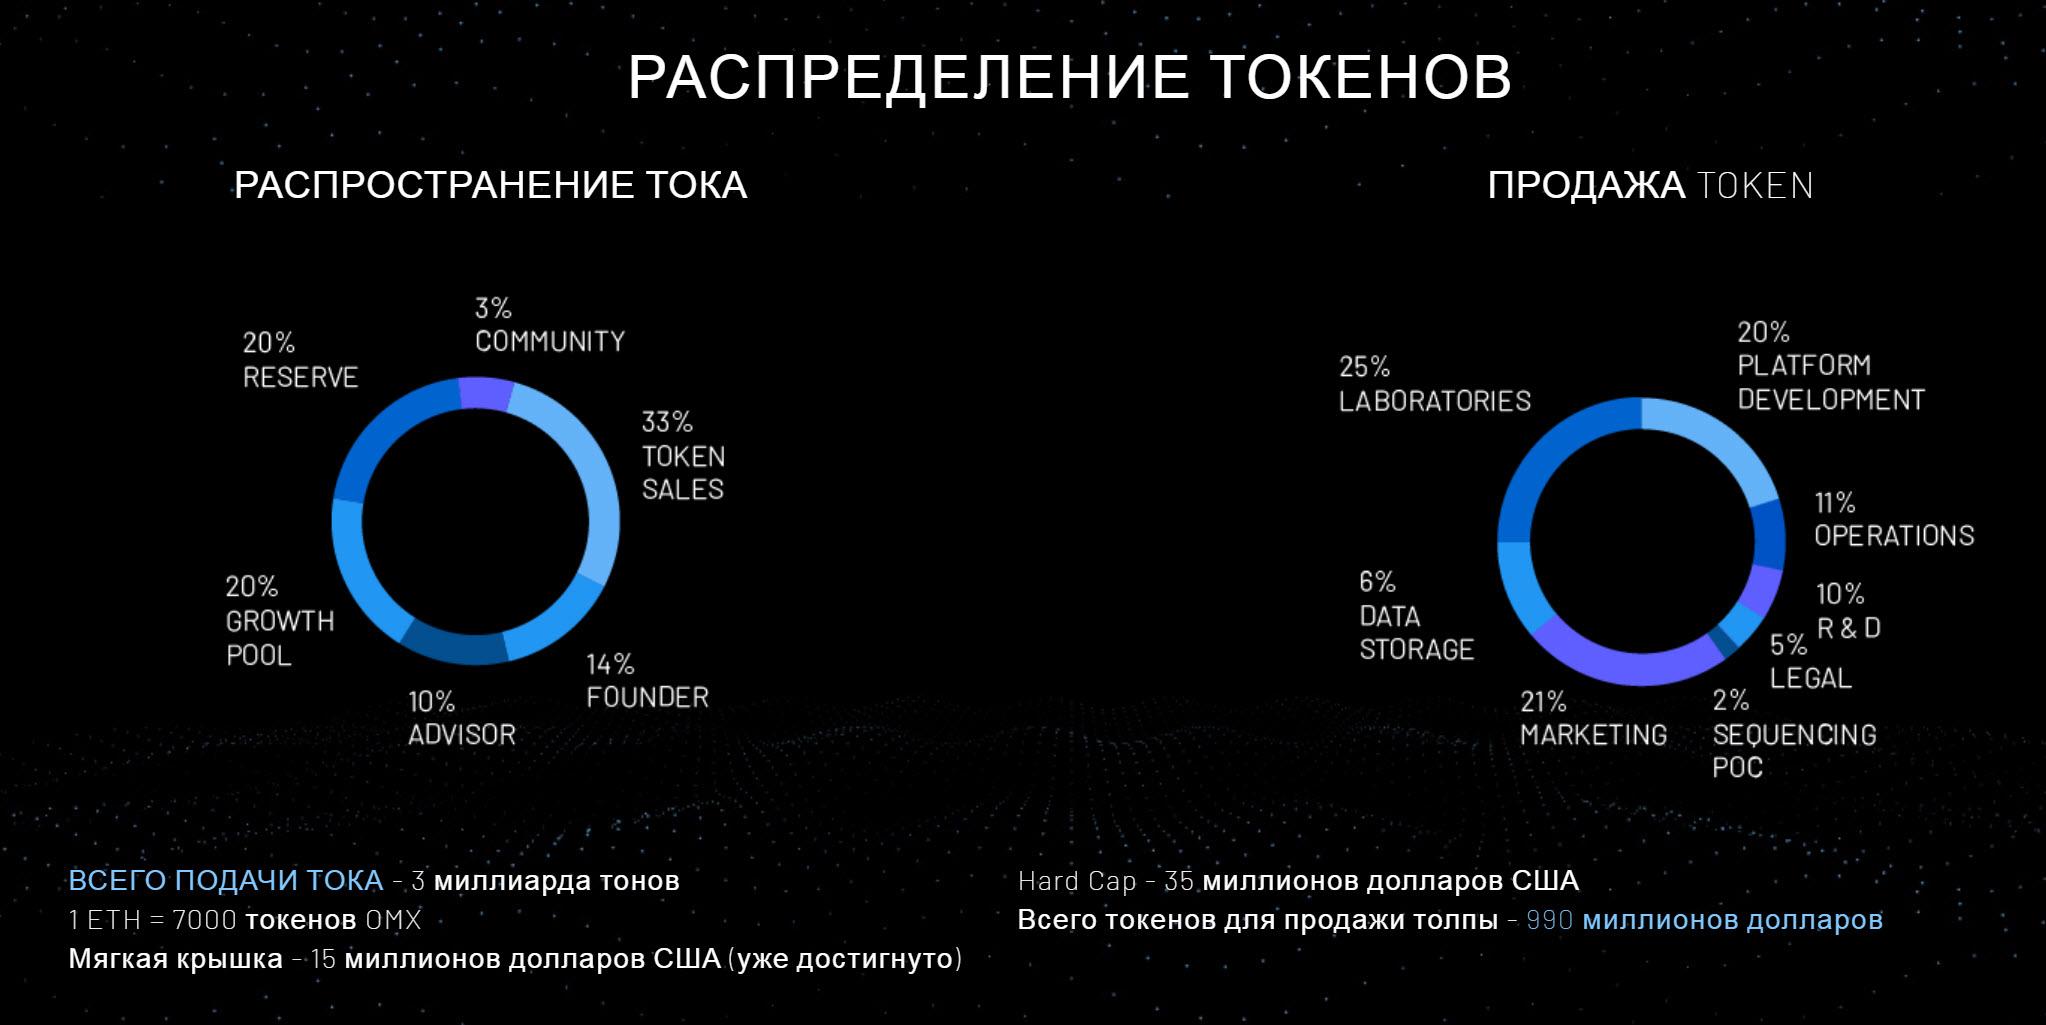 распределение токенов.jpg